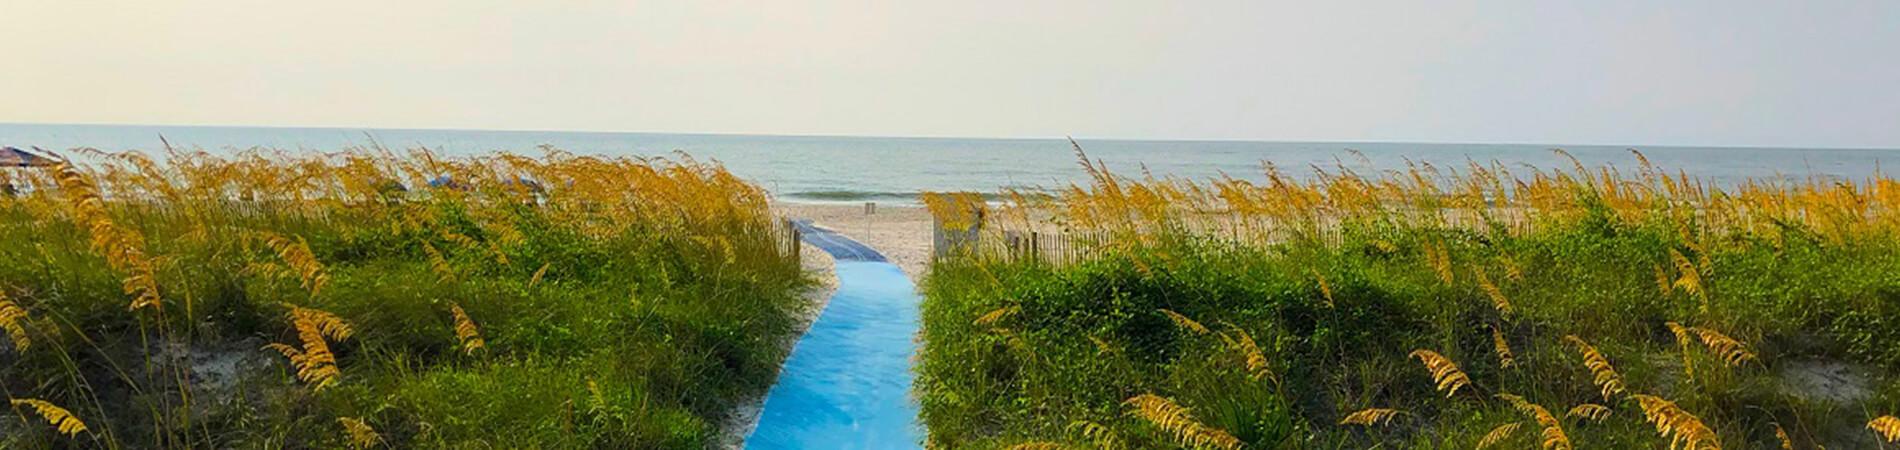 coastal beaches of South Carolina